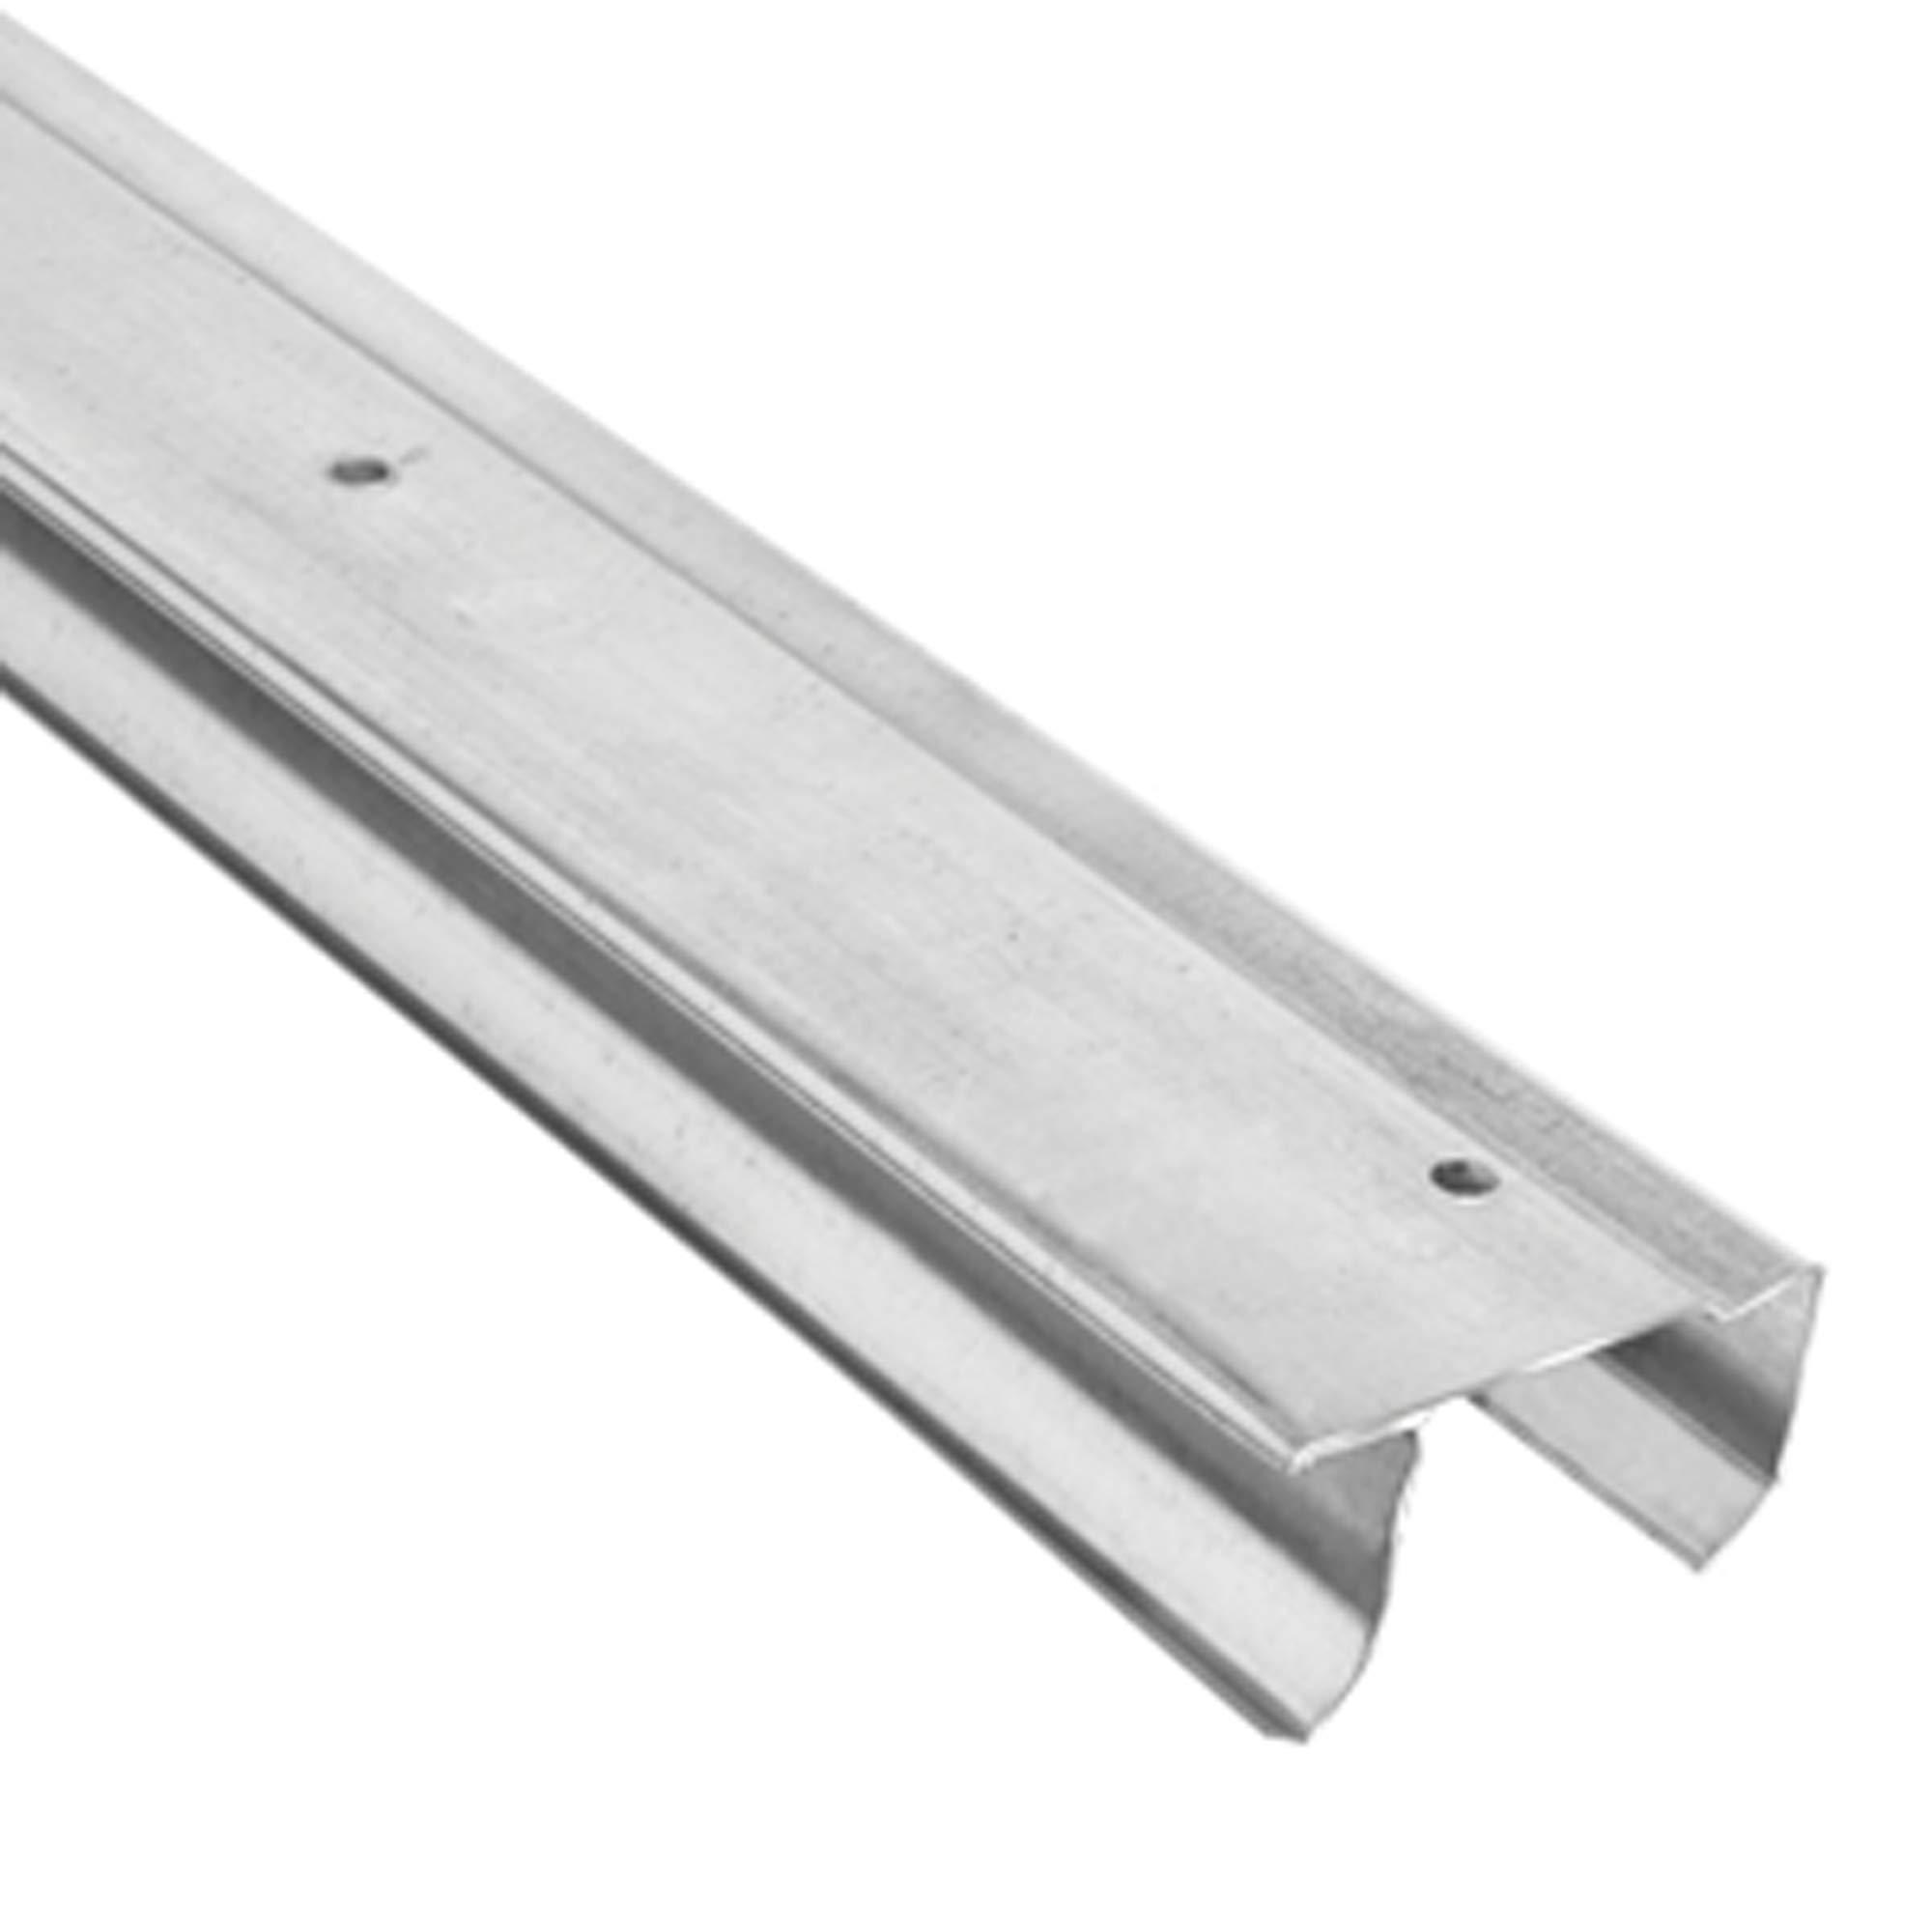 2 XYY Stainless Steel Door Latch Sliding Lock Barrel Bolt Stainless Steel Door Bolt Sliding Lock Latch Barrel Bolt 2PCS